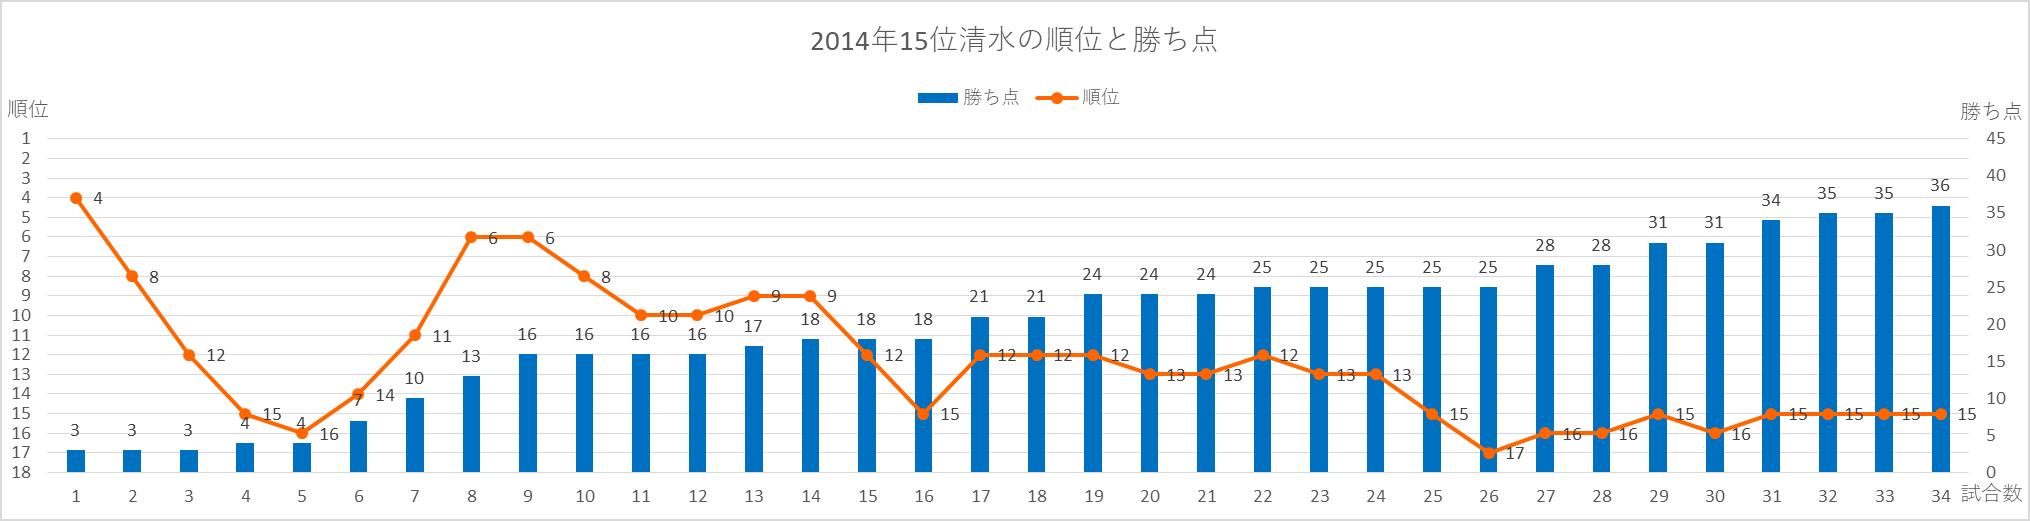 2014年清水の順位と勝ち点の推移